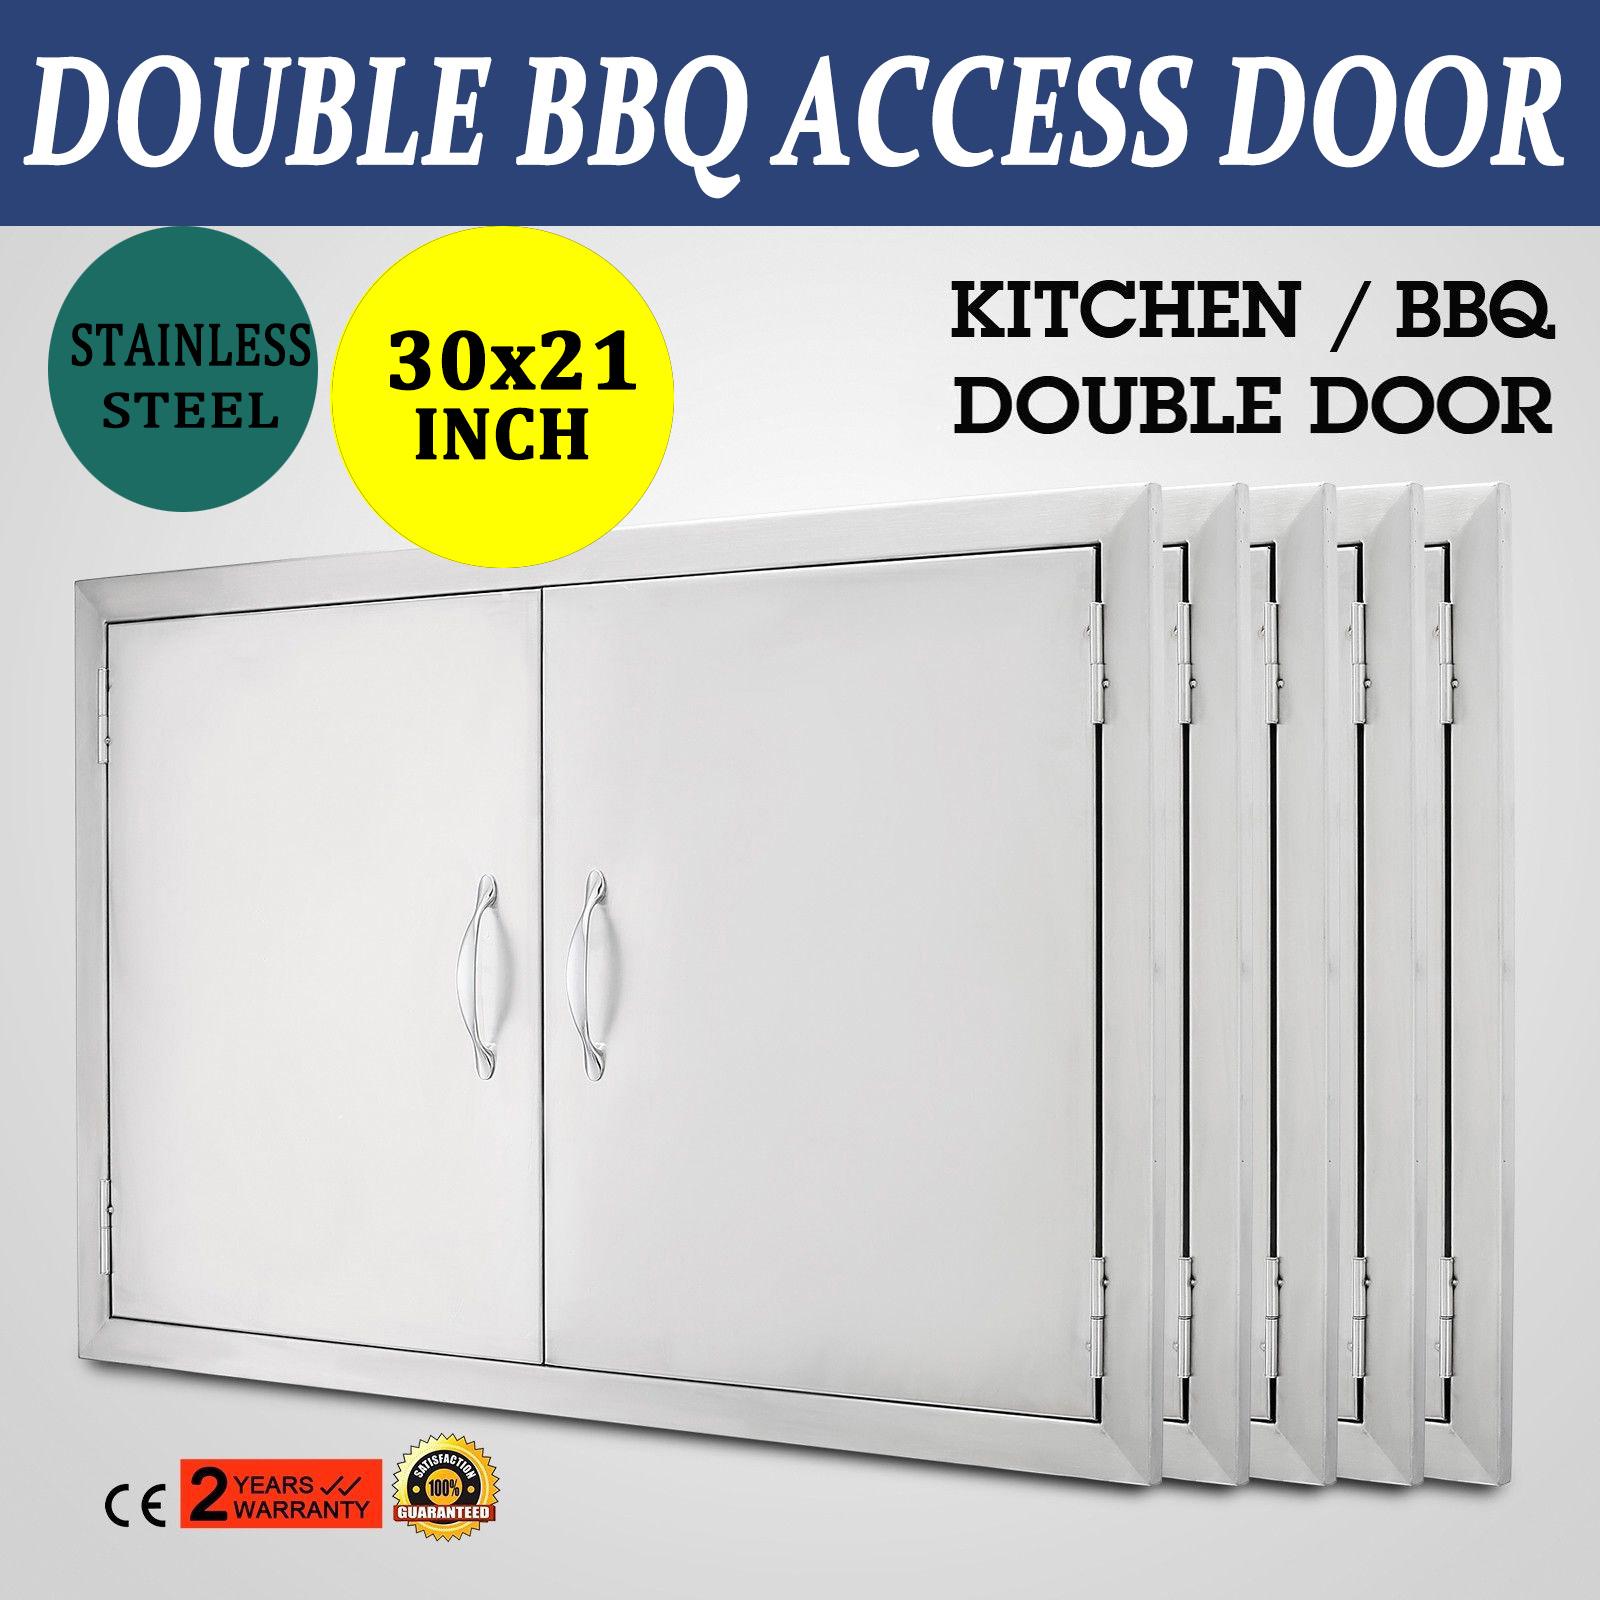 30 X 21 Stainless Steel Double Access Door Bbq Island Outdoor Kitchen